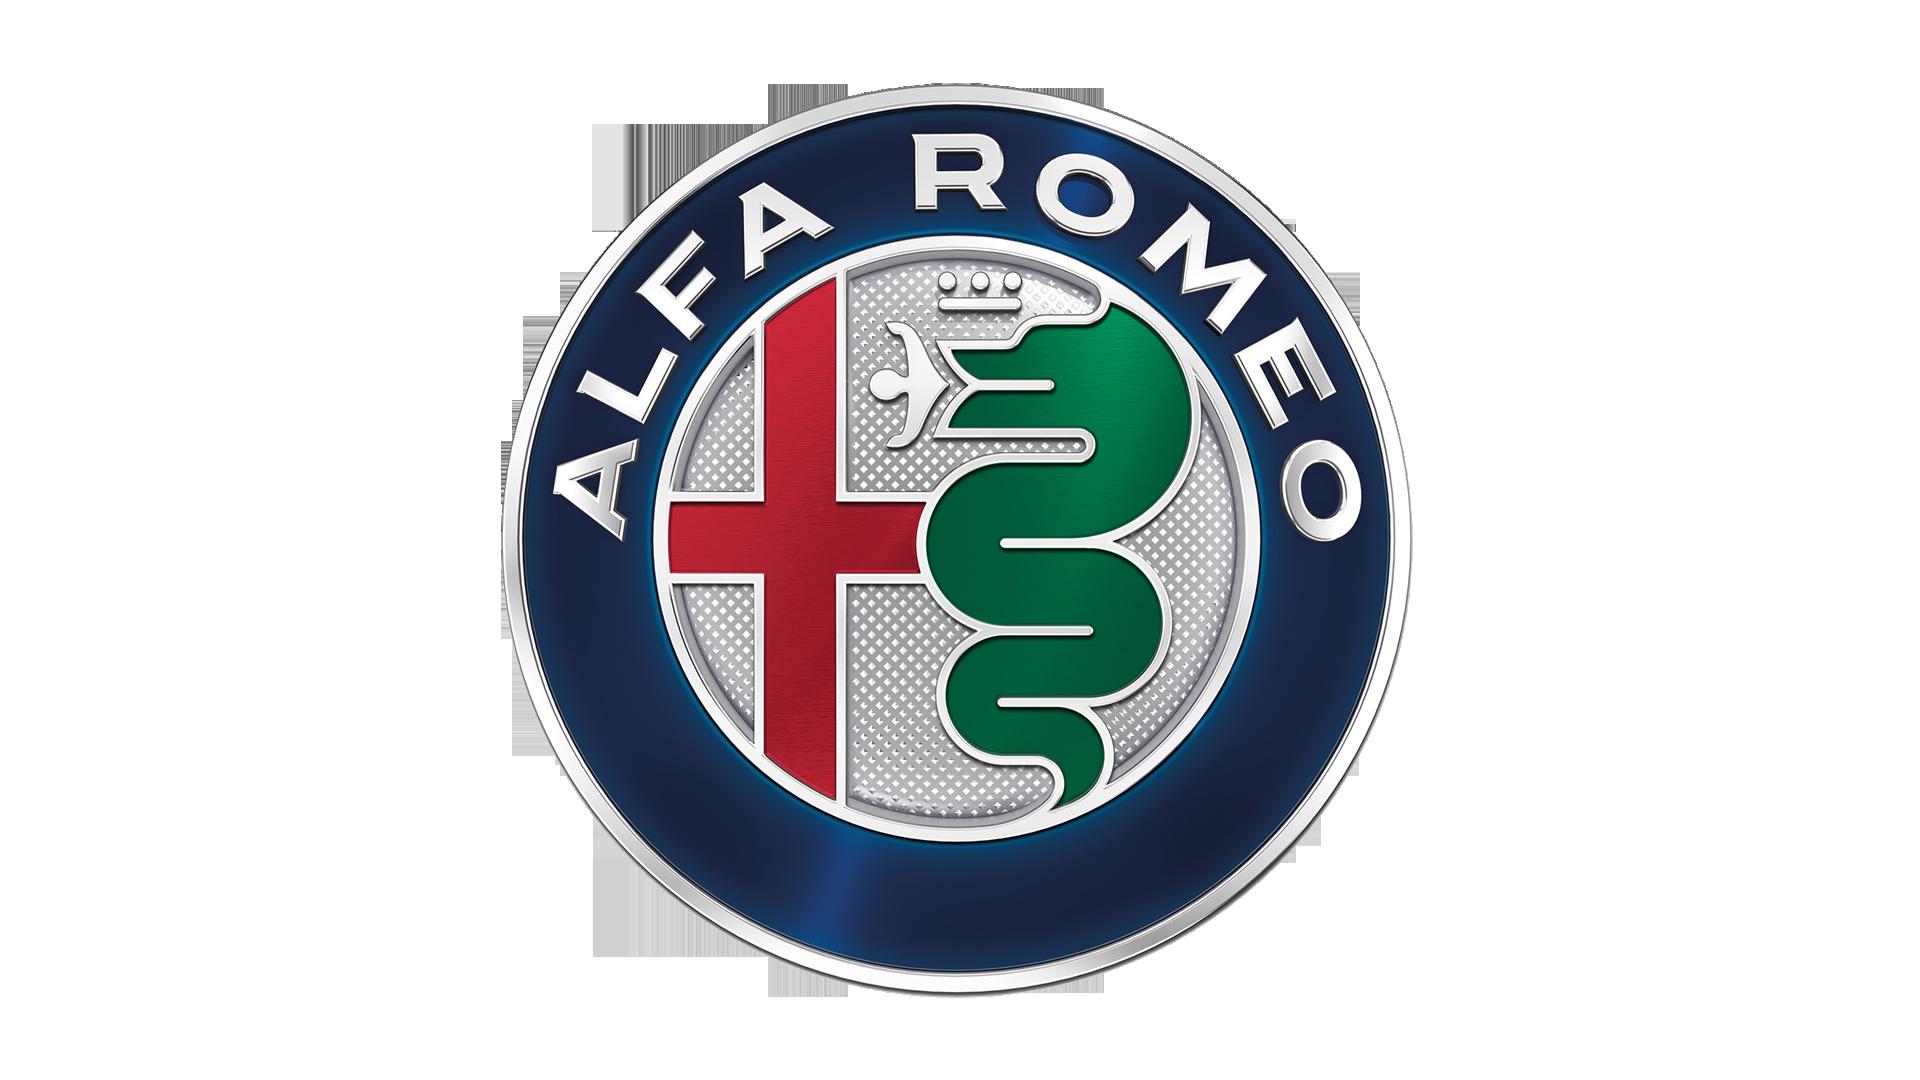 Alfa-Romeo-logo-2015-1920x1080.png